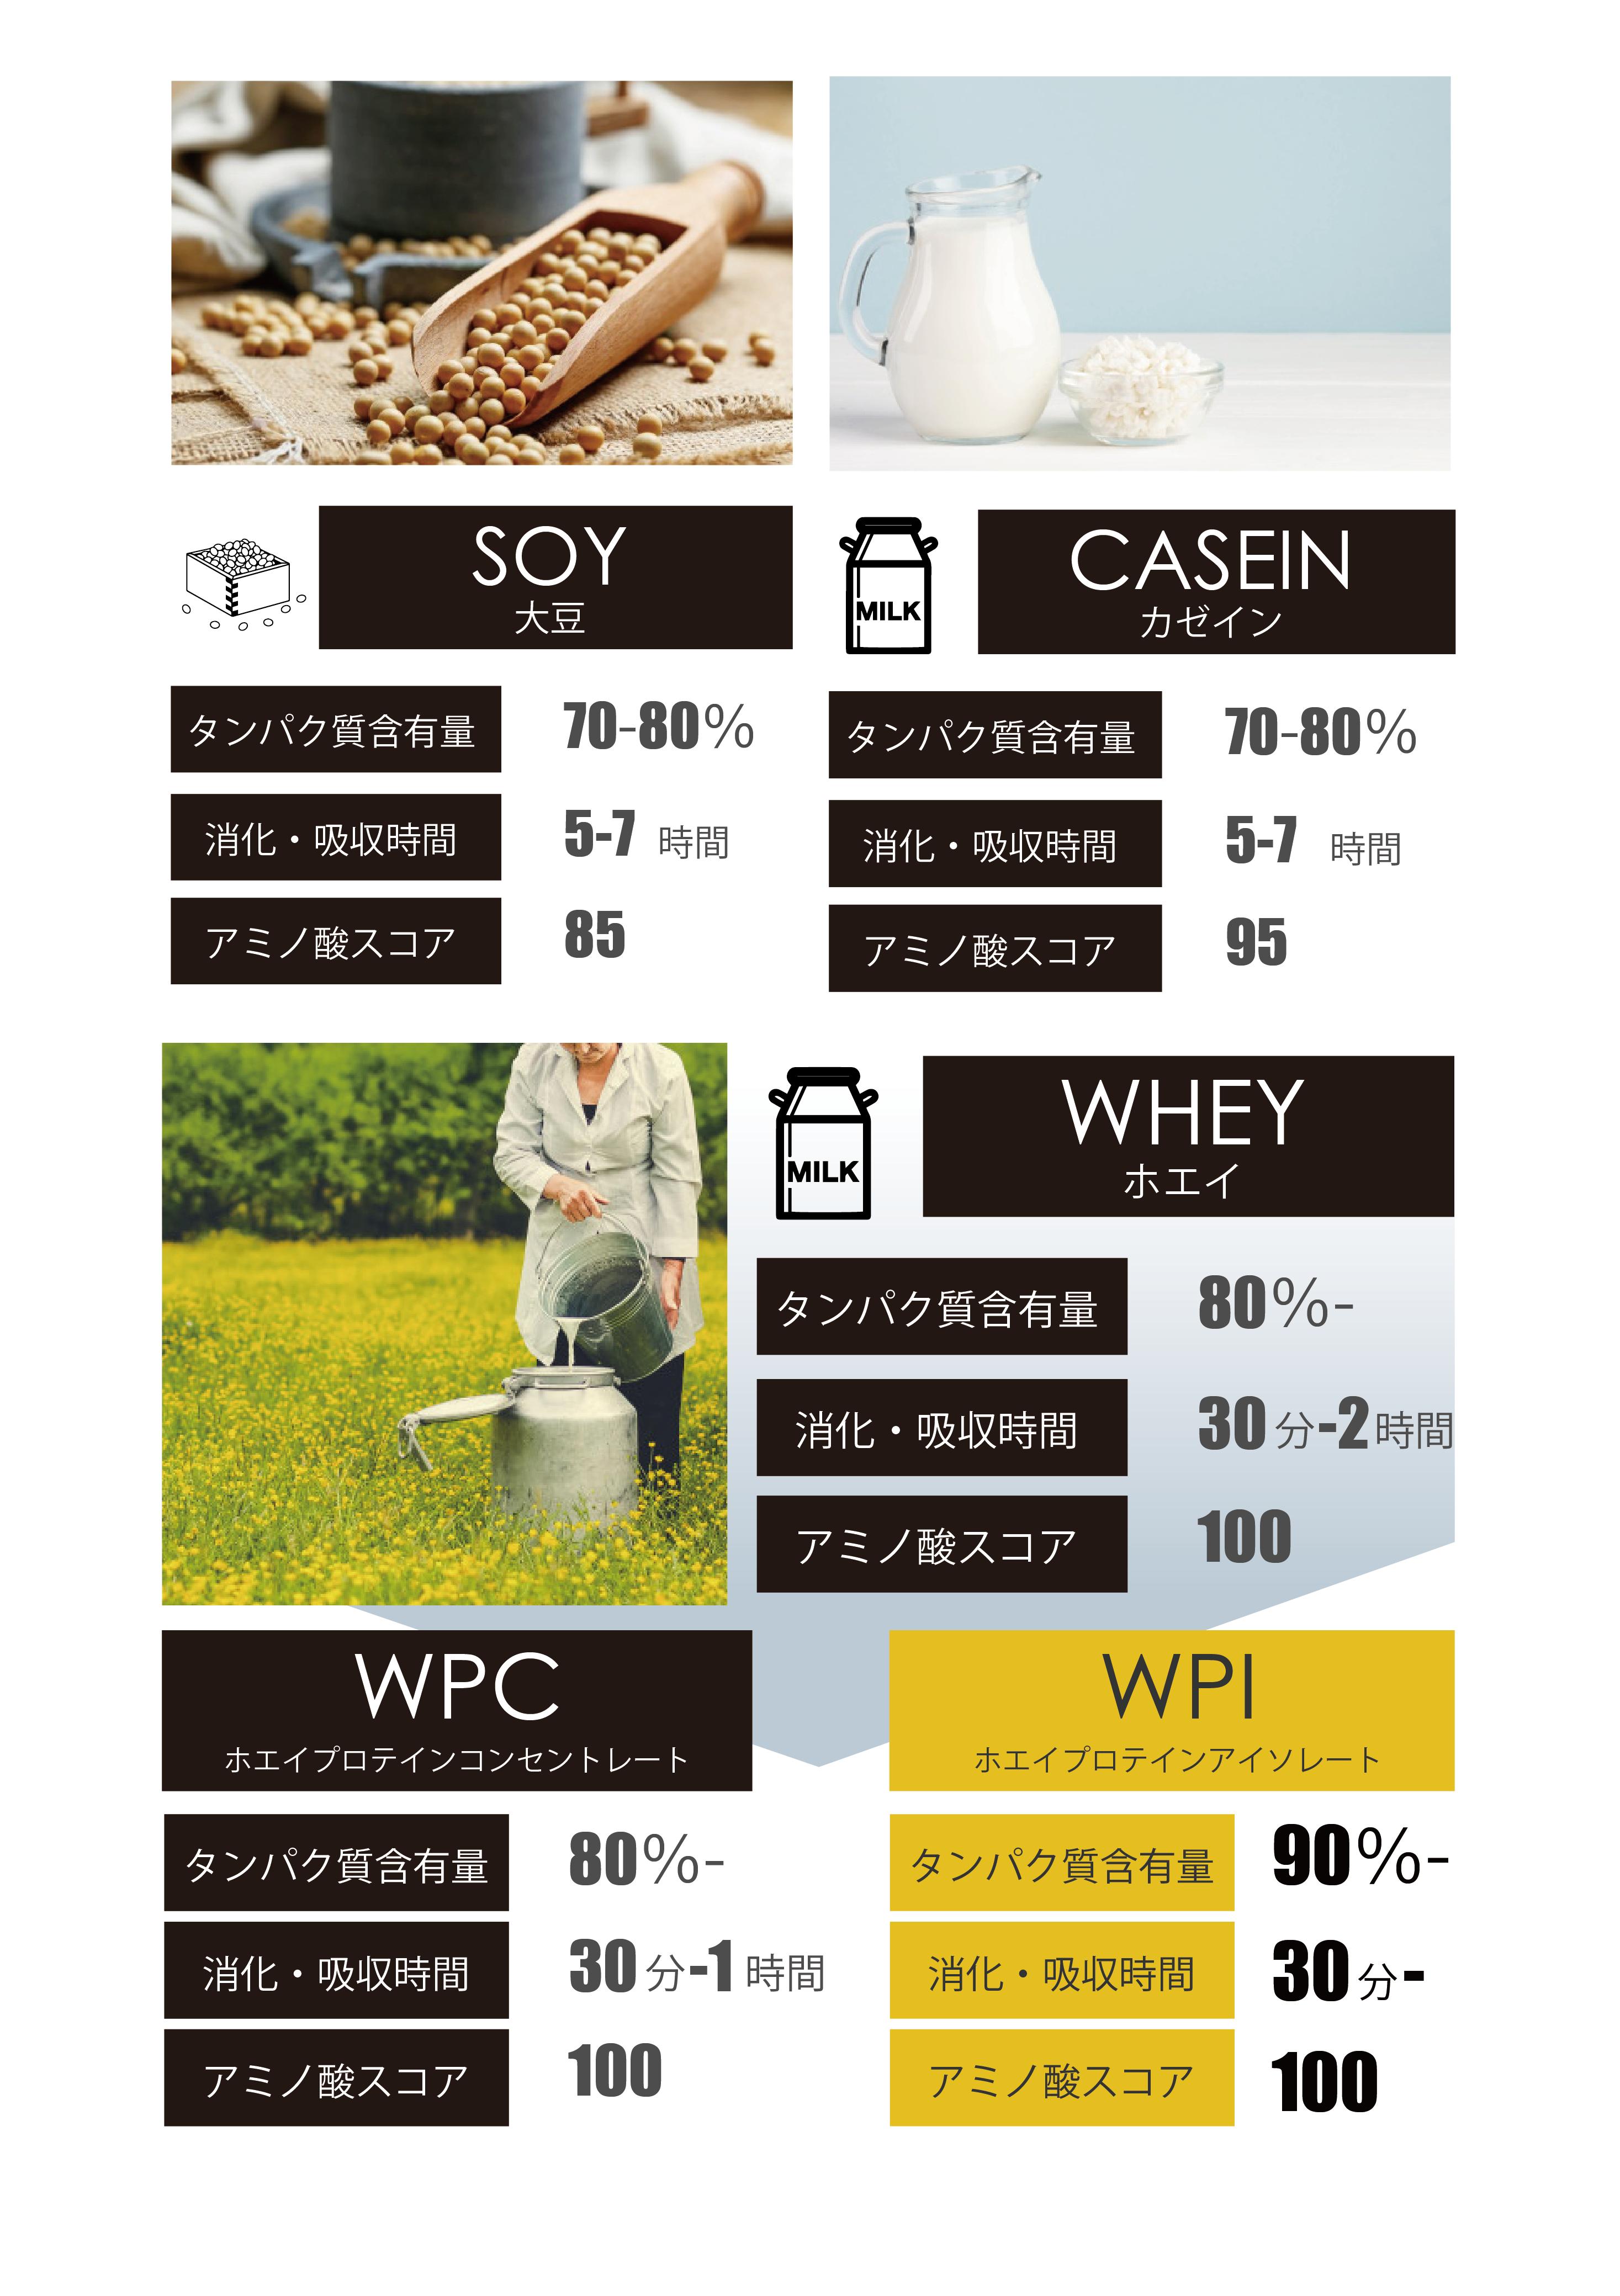 WPIはアミノ酸スコア、消化吸収速度、タンパク質含有量全てにおいて優れています